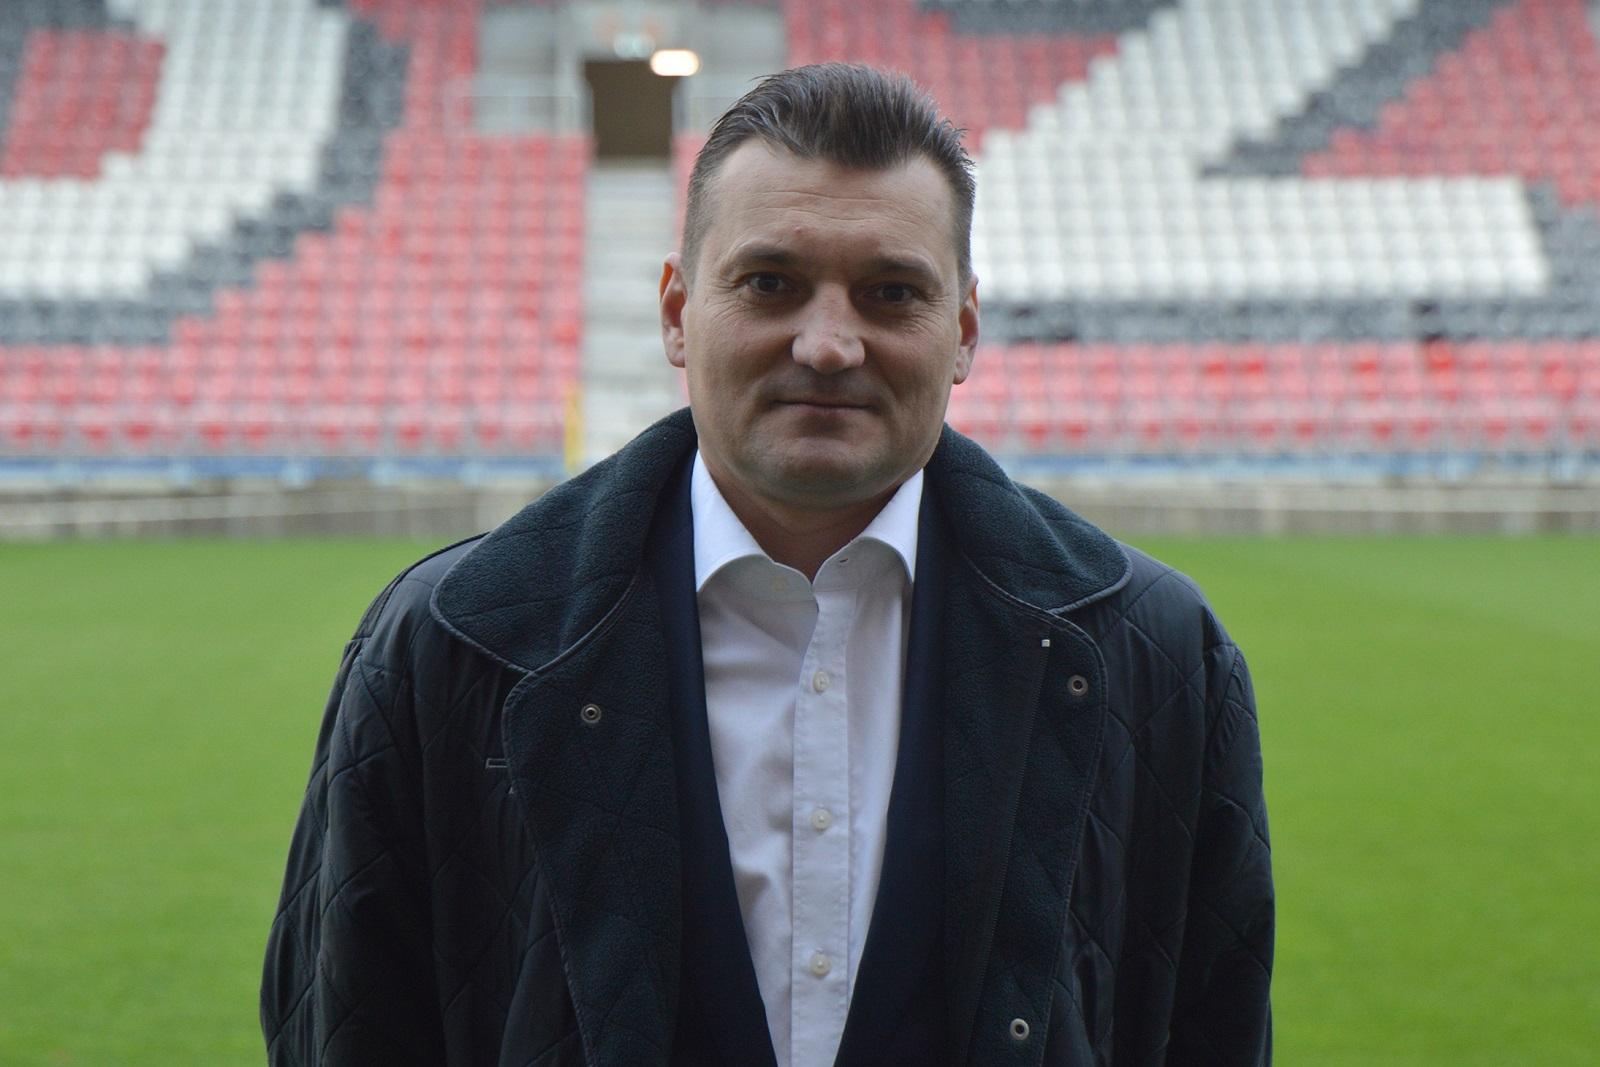 fot. Marcin Olczyk/Widzew.com